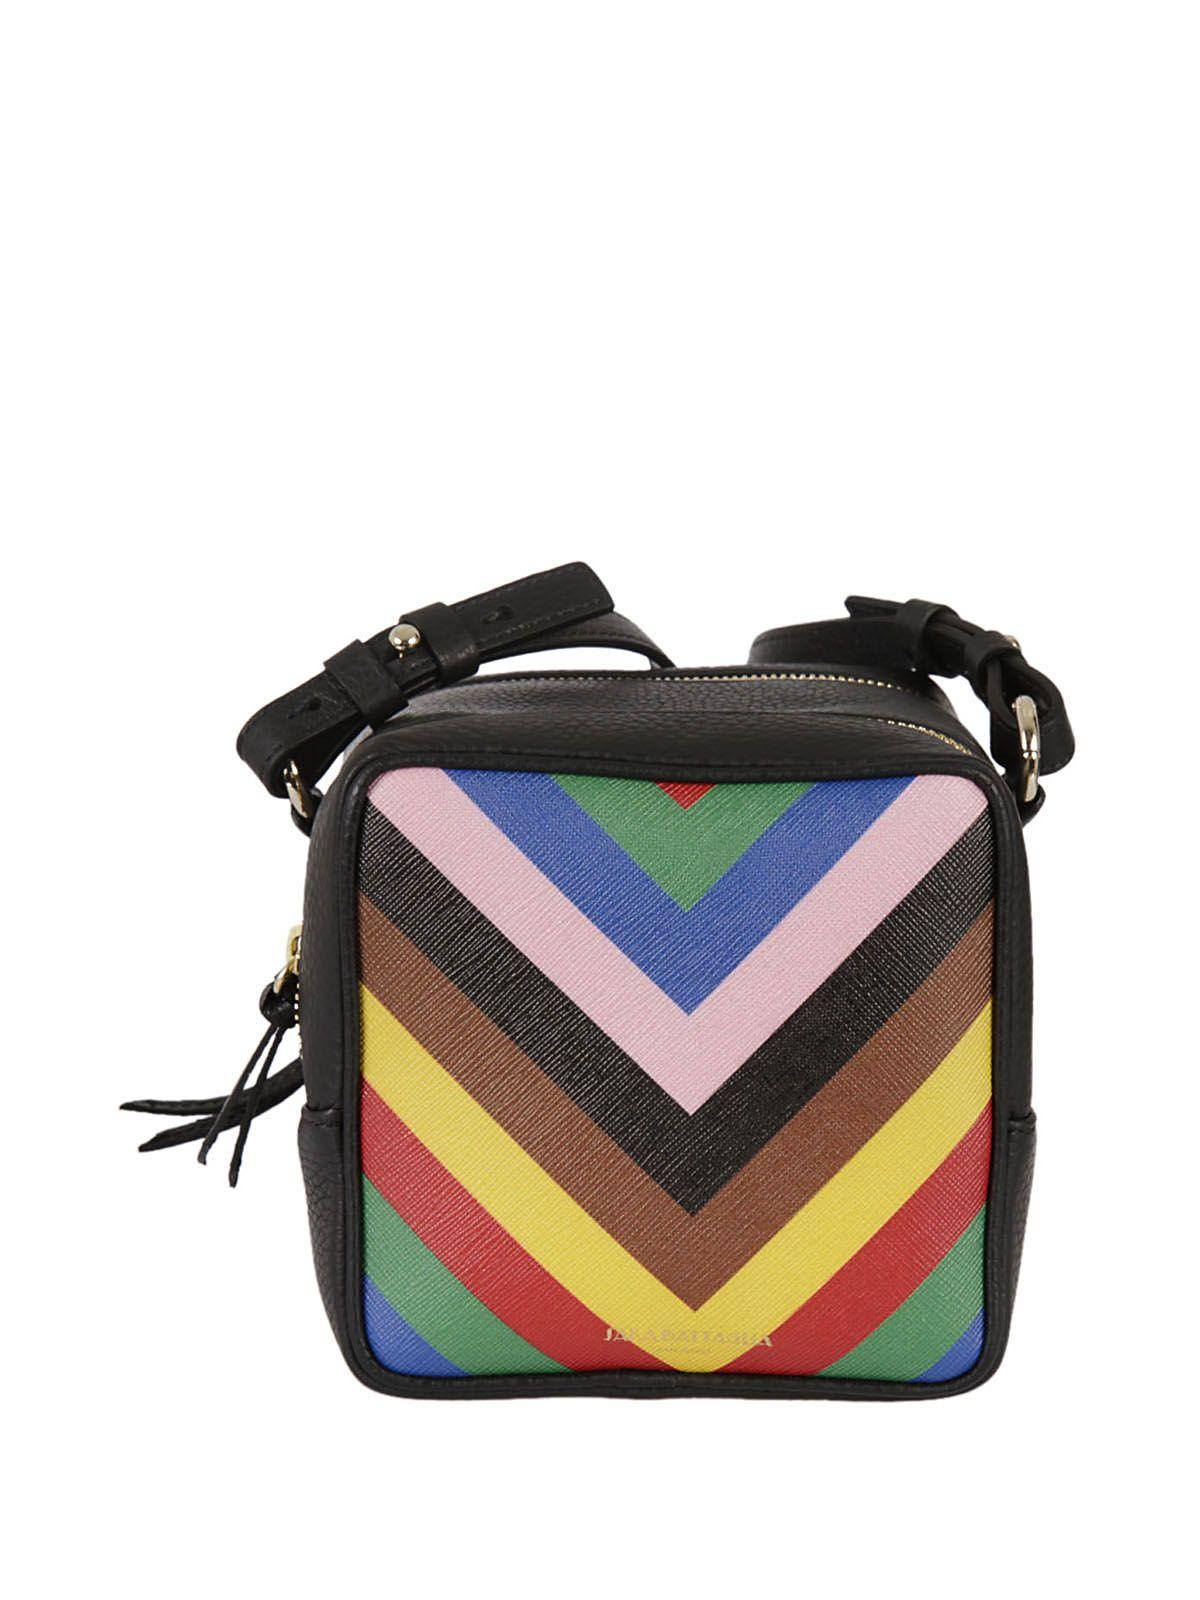 75bb2c791b Sara Battaglia Striped Shoulder Bag In Multicolor